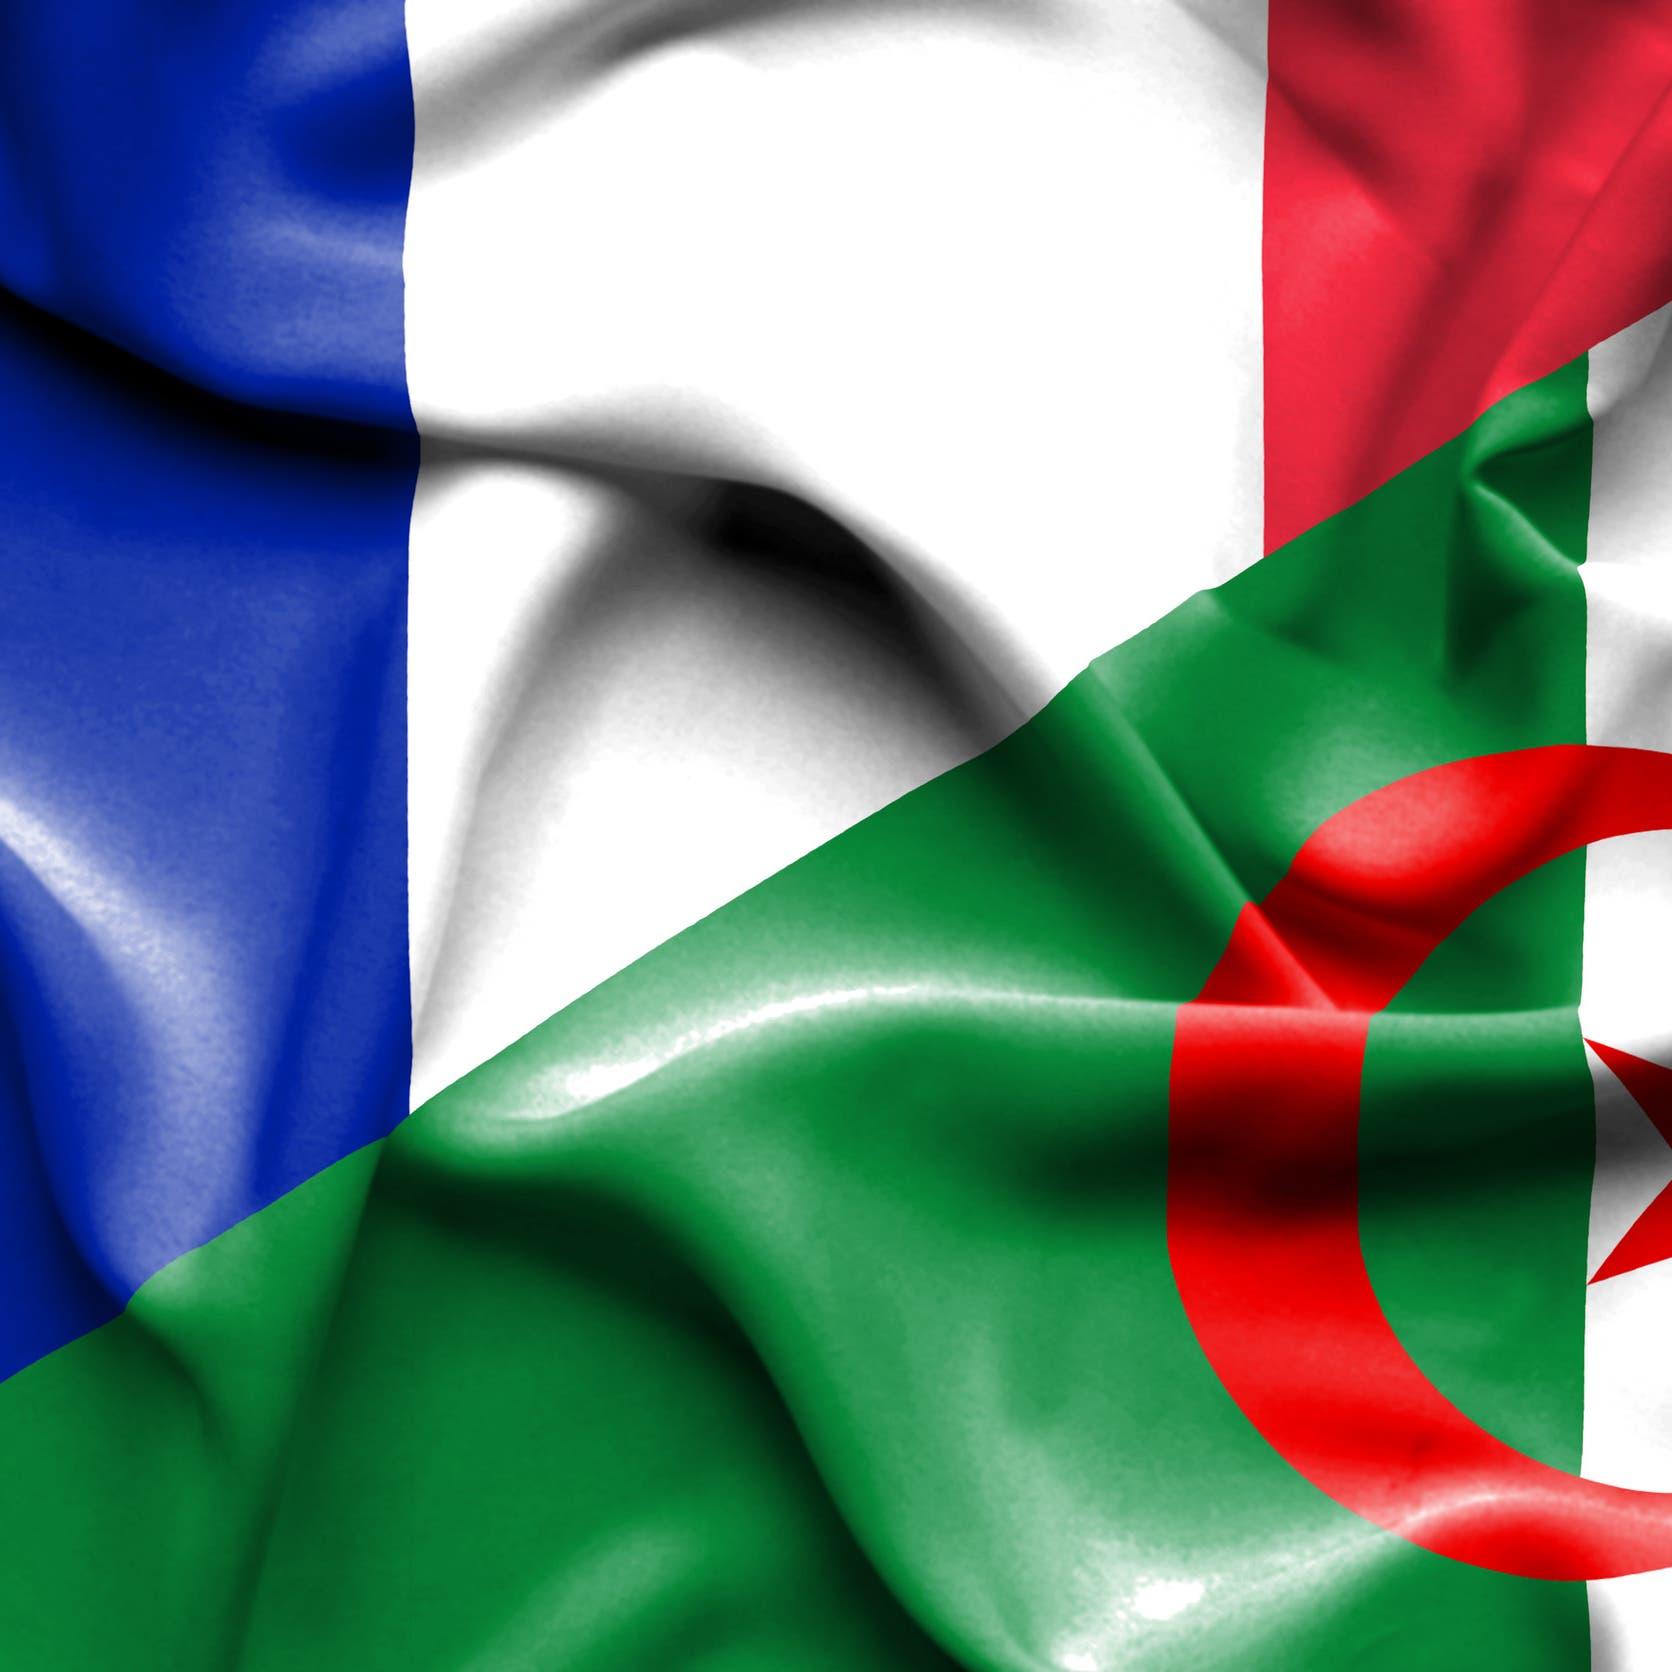 وسط تقارب البلدين.. رئيسا حكومة وأركان فرنسا يزوران الجزائر